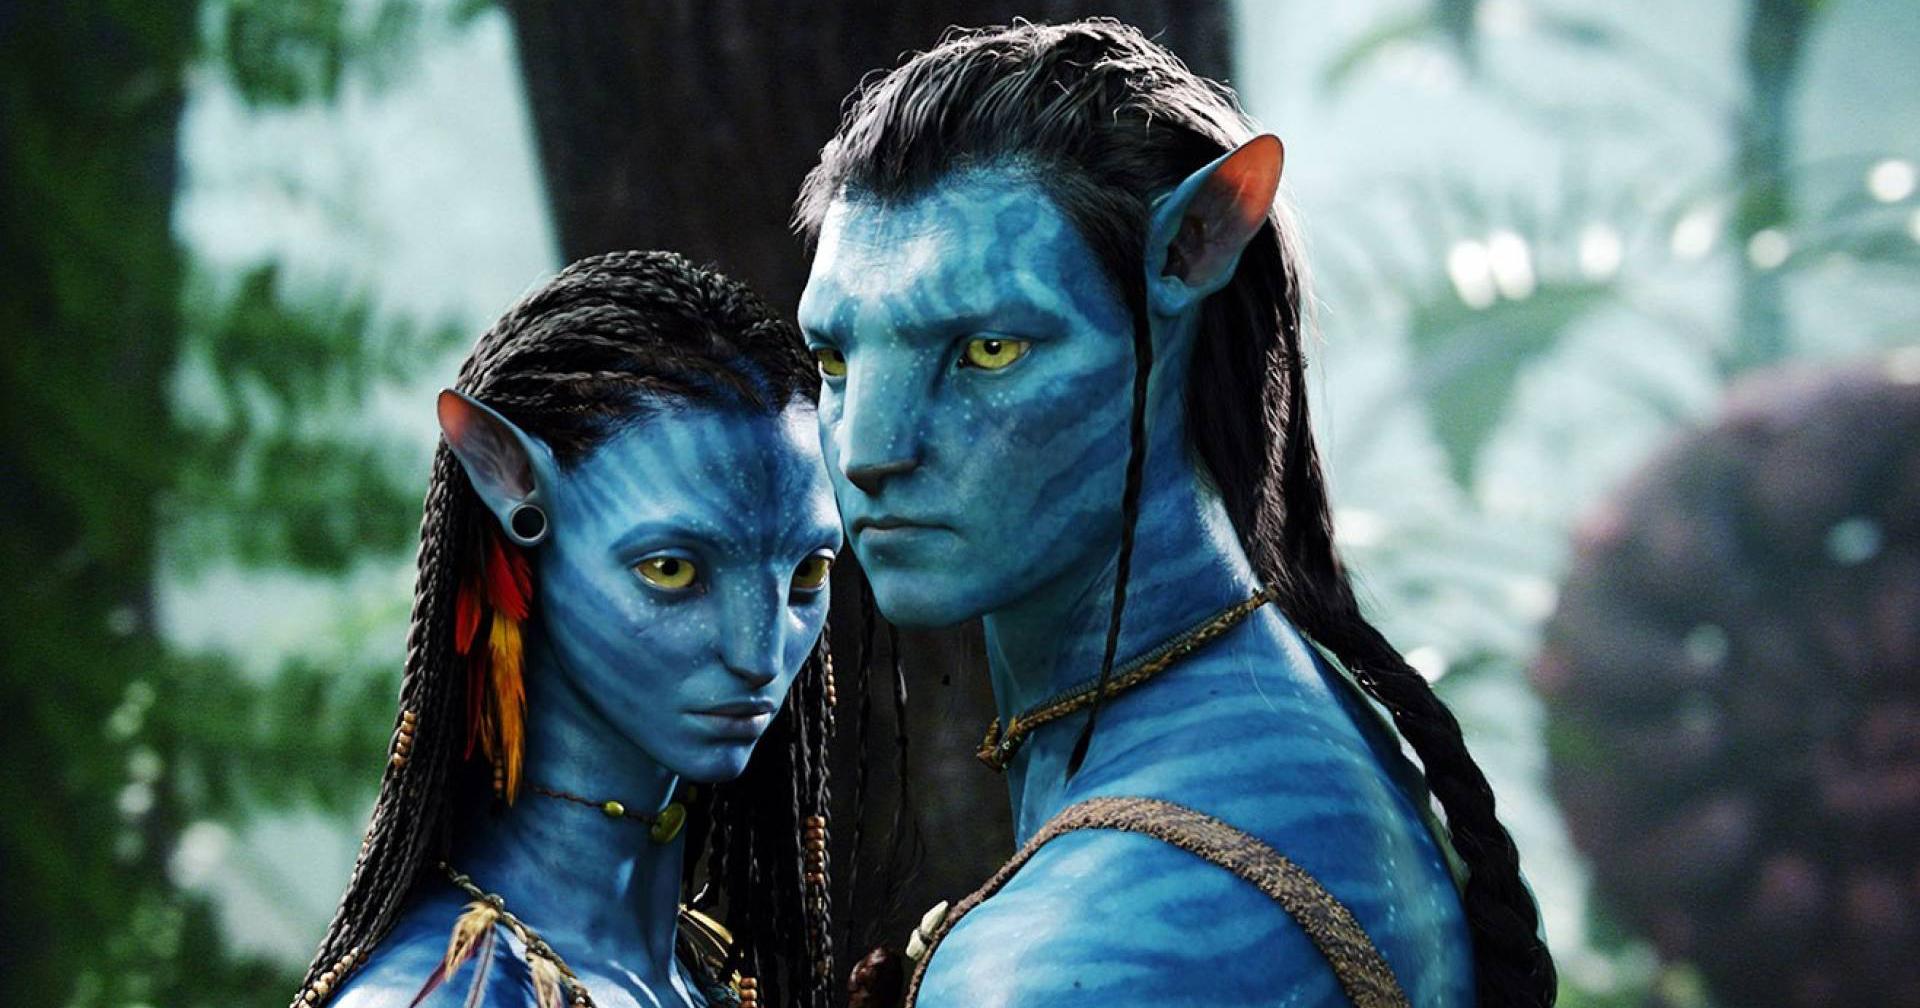 เจาะลึก หนังเรื่อง Avatar  คือ Titanic ภาค 2 ความคลายคลึงกันของหนัง